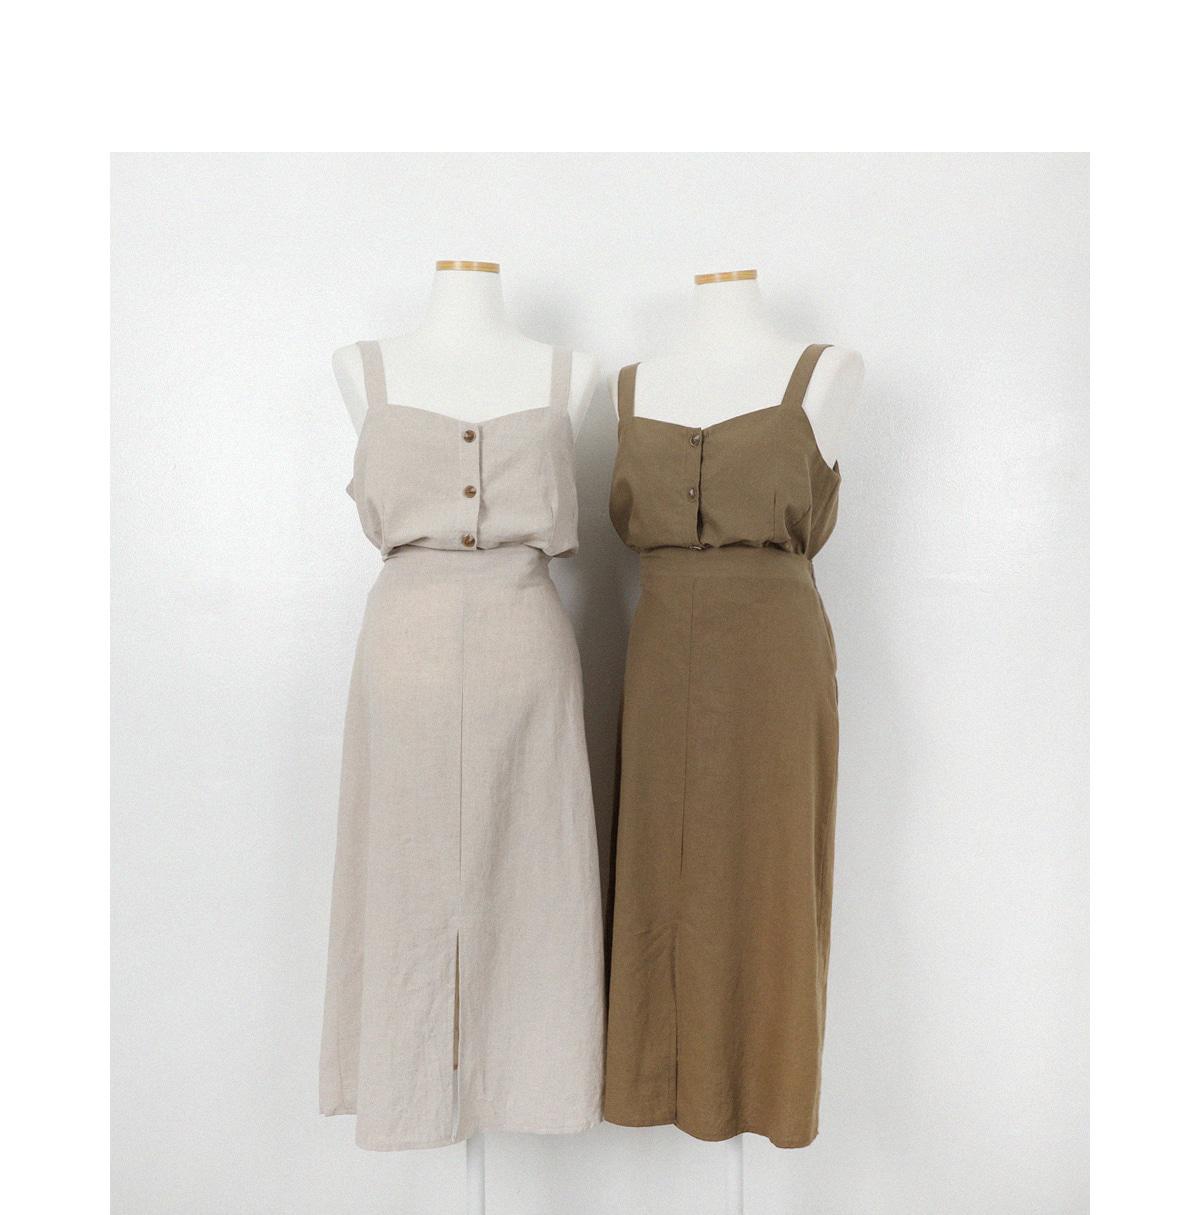 Neats linen long skirt